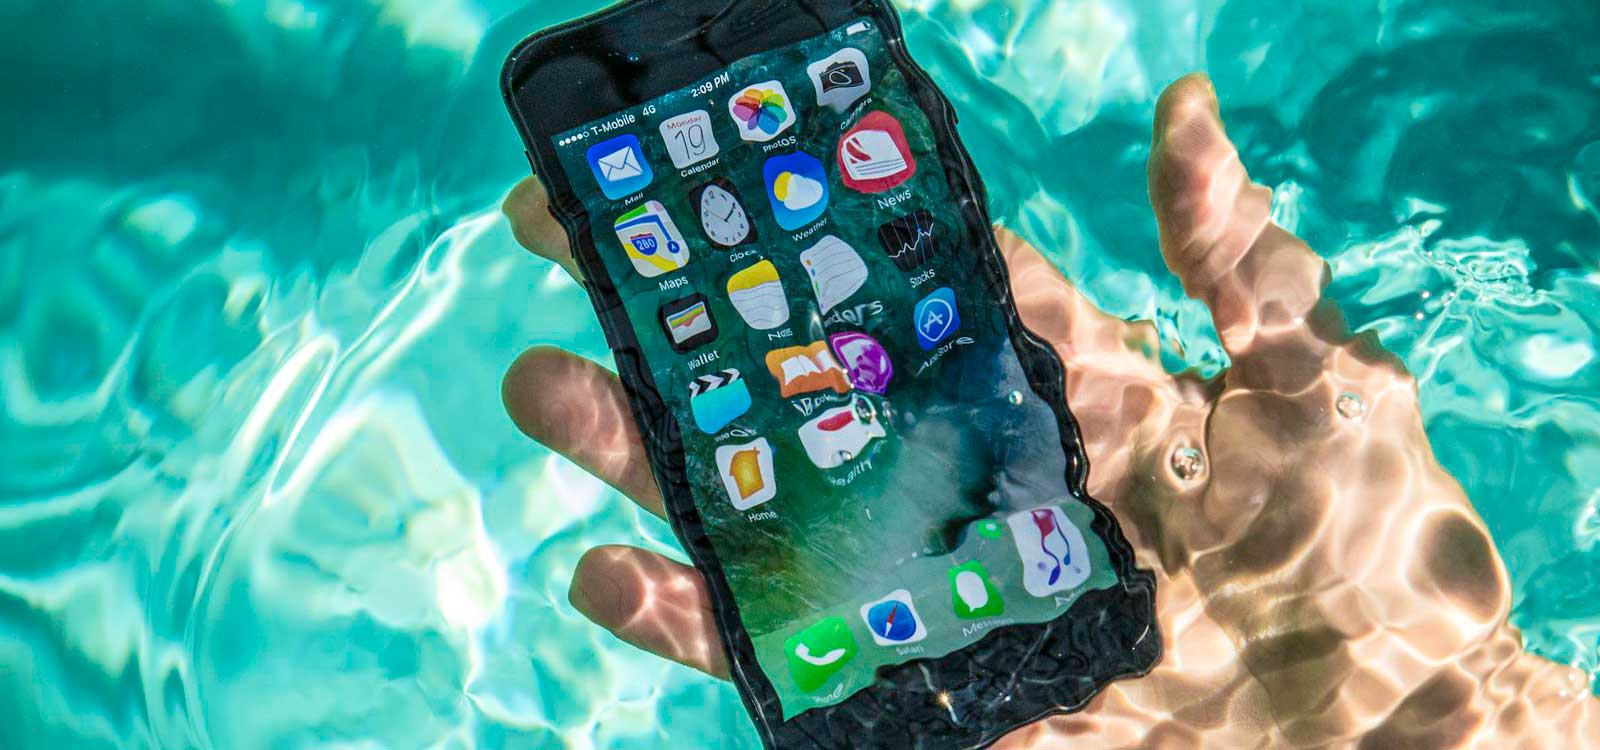 Телефон упал в воду, что делать?